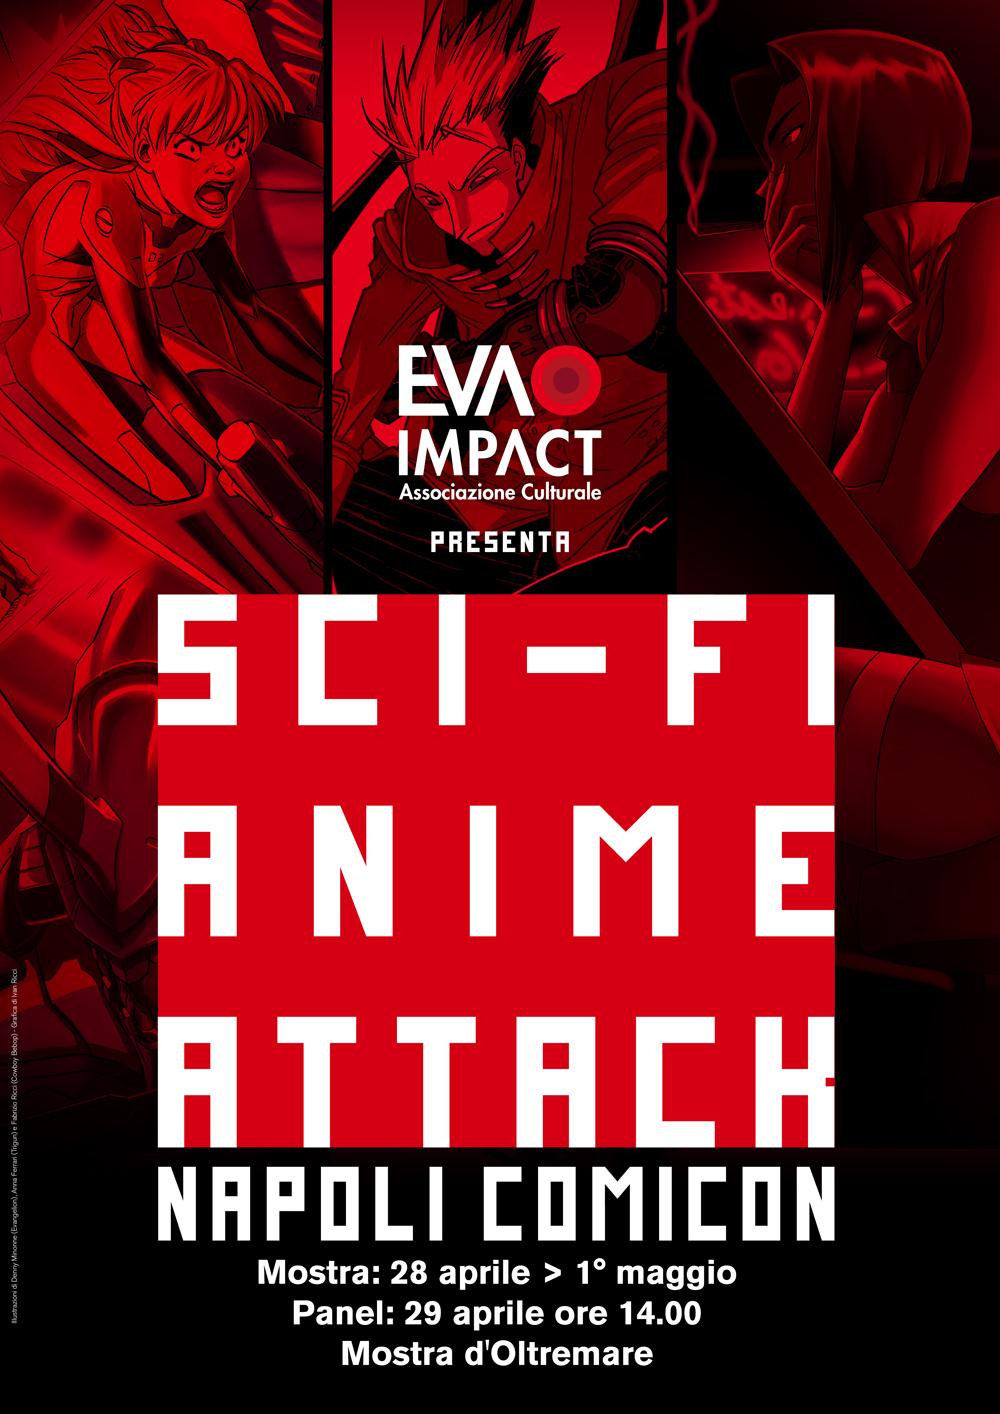 EVA IMPACT presenta Sci-Fi Anime Attack - Evangelion, Cowboy Bebop e Trigun: i tre alfieri del rinascimento anime all'alba del terzo millennio